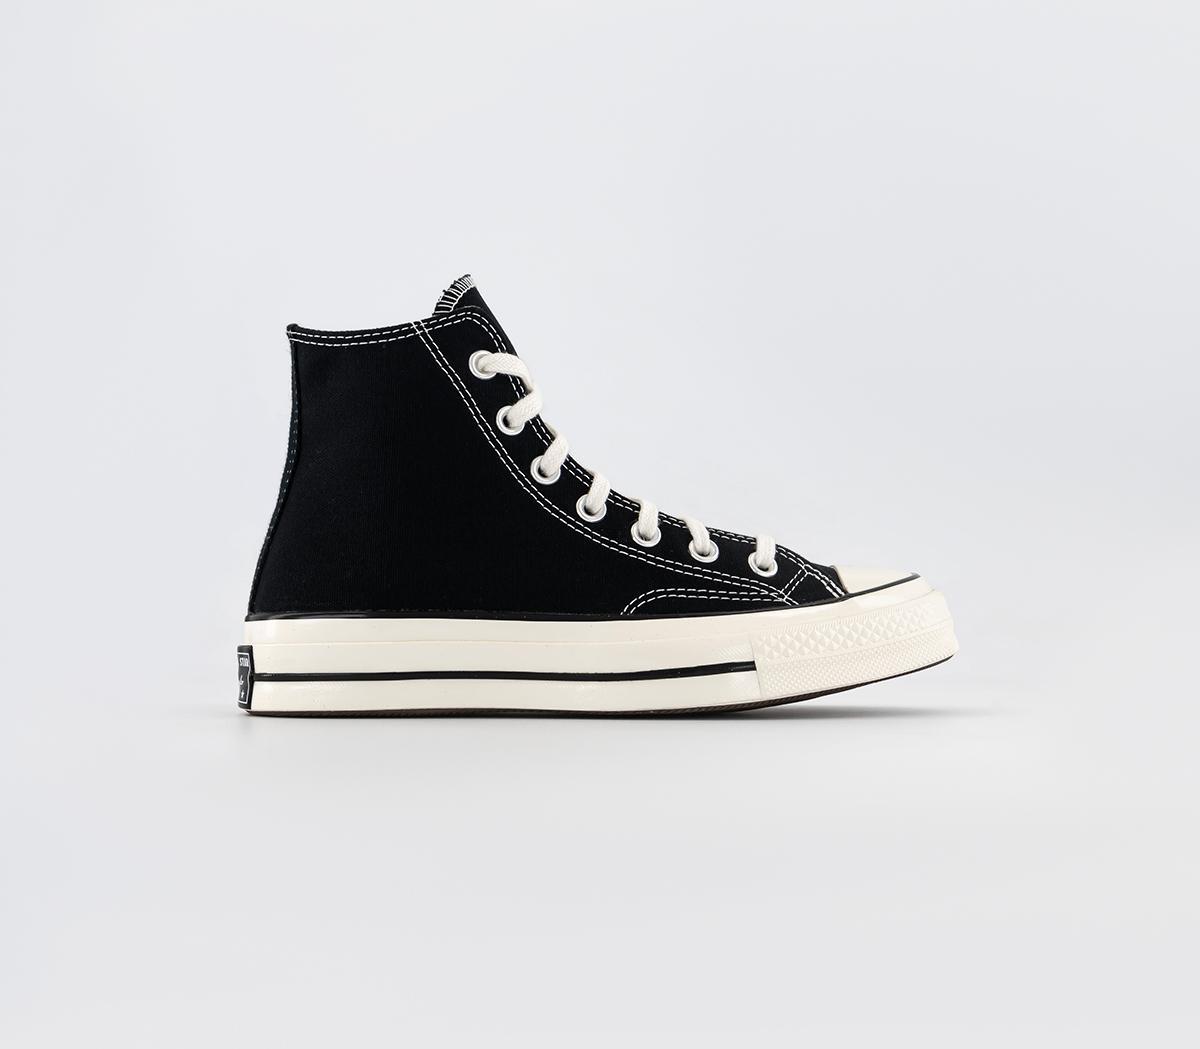 Converse All Star Hi 70's Black - His